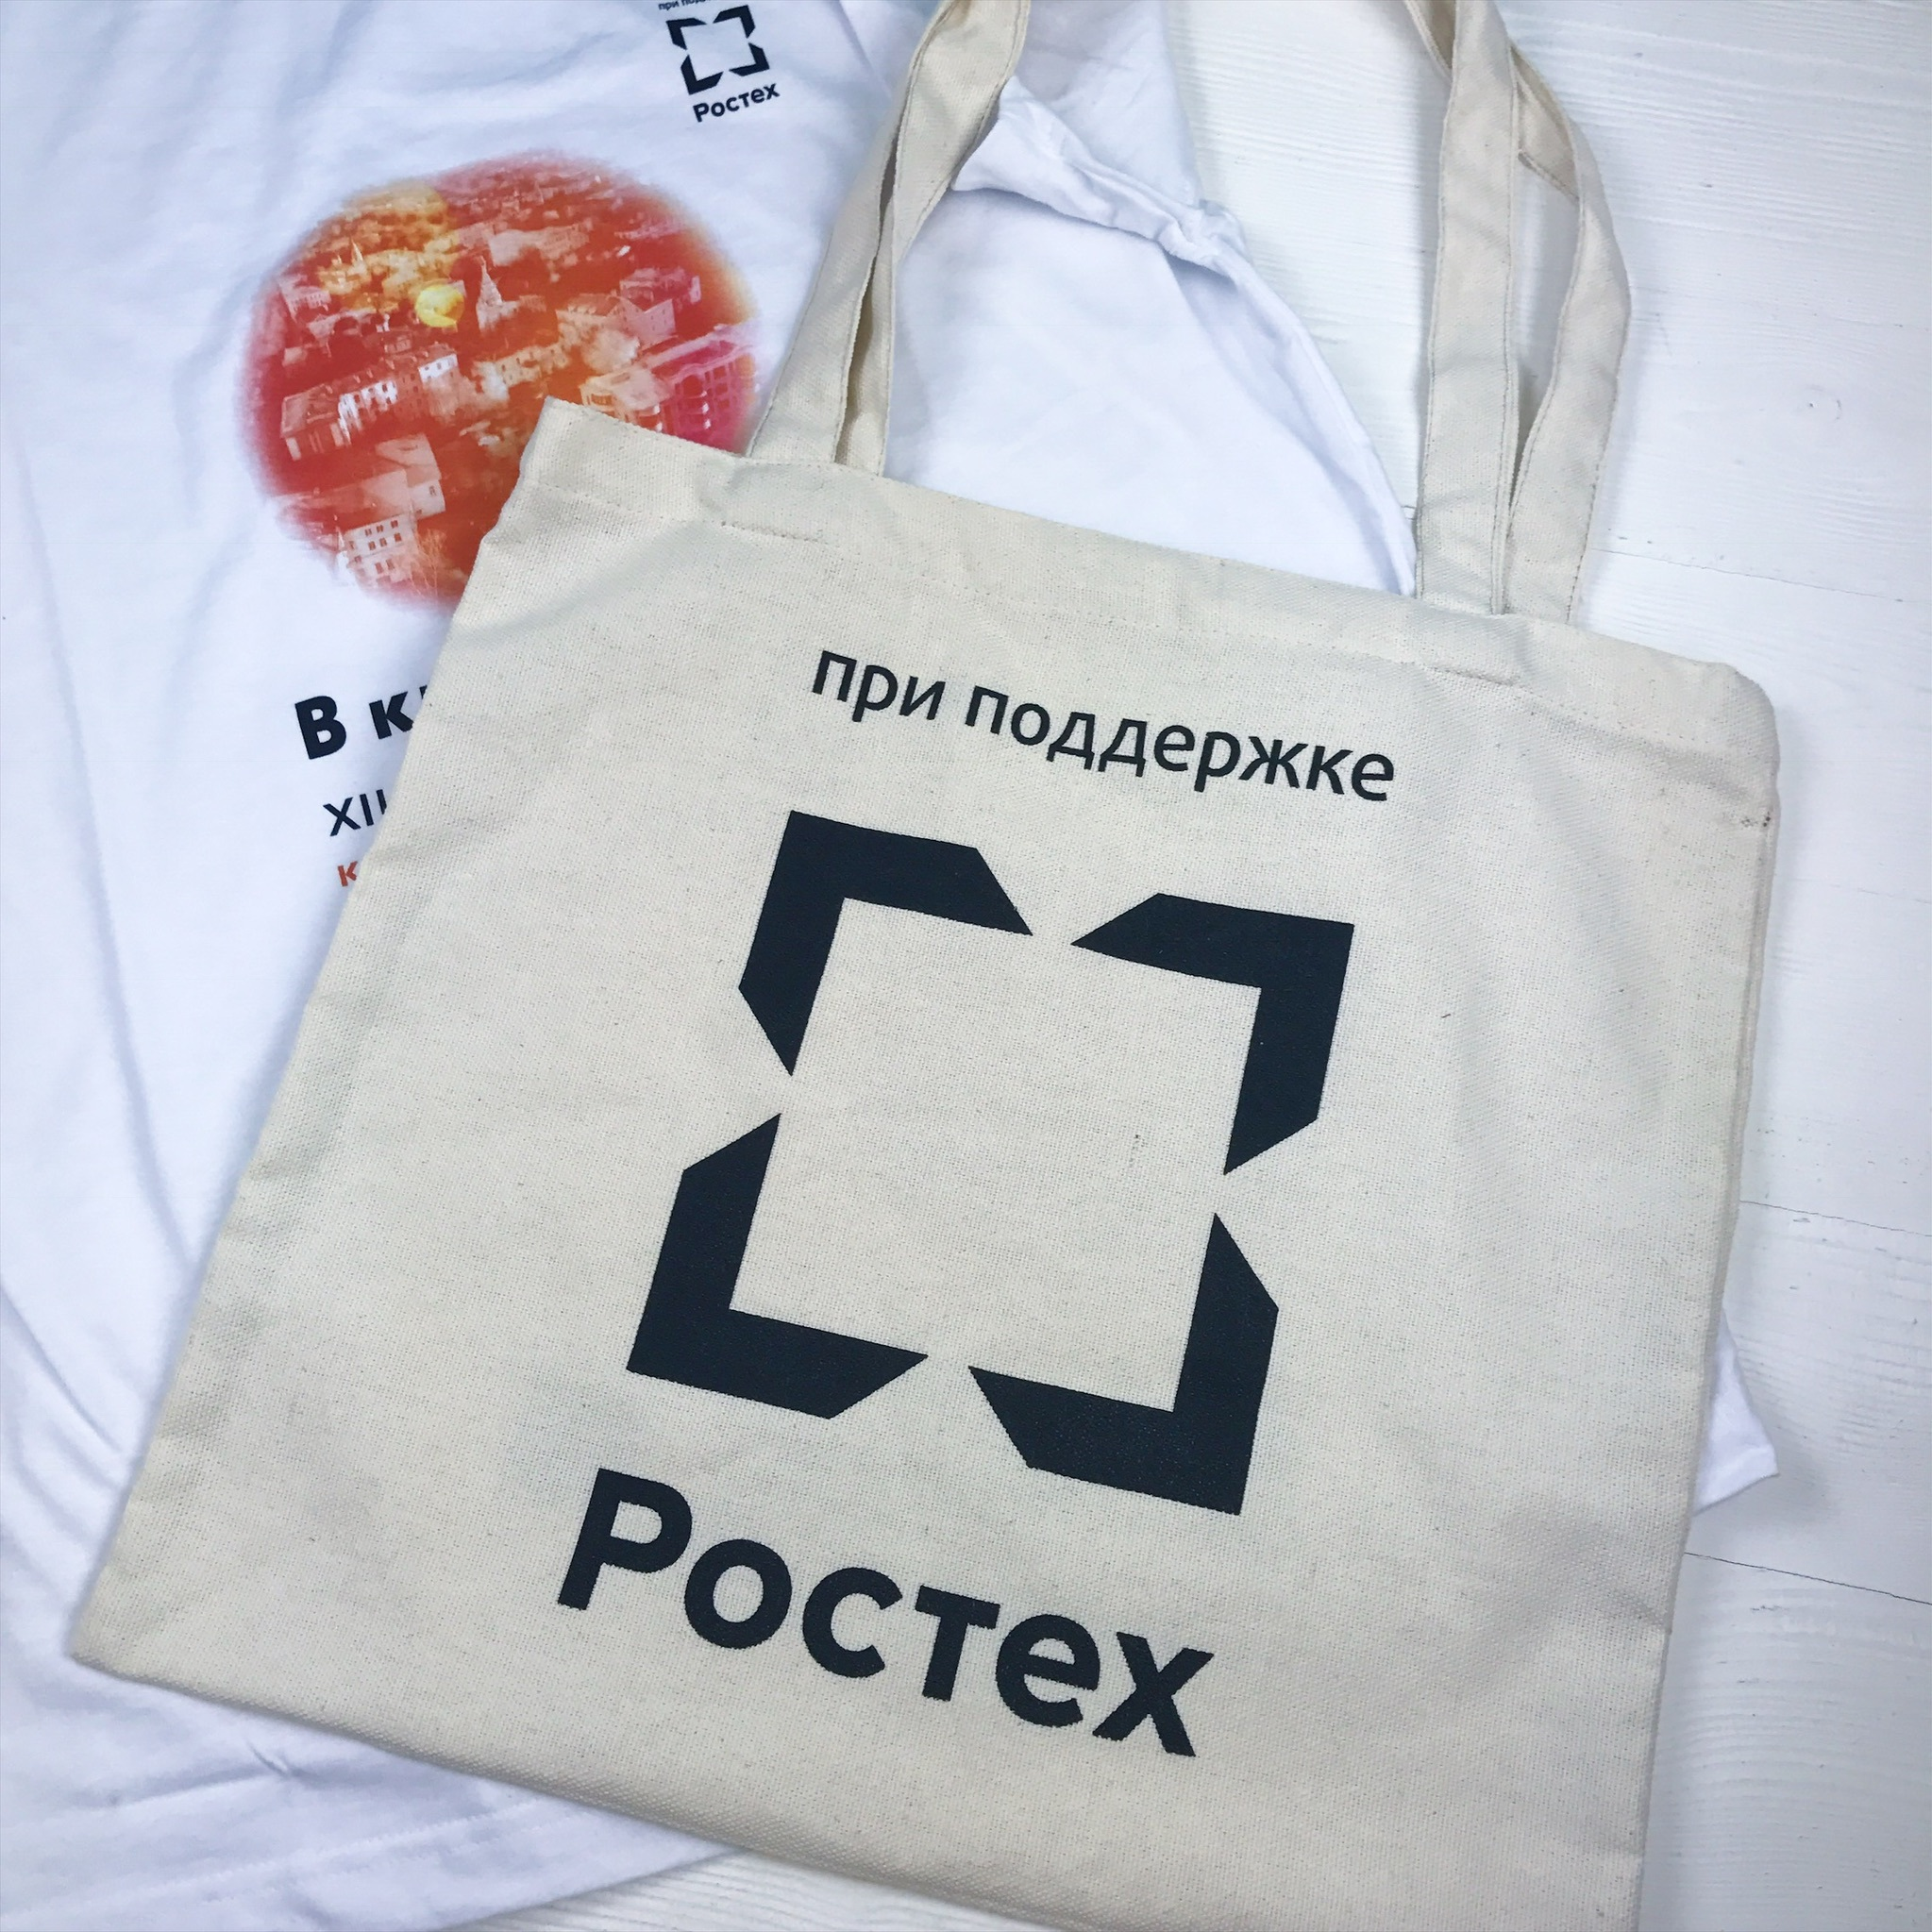 9e84ffc3358c Сумка холщовая: купить оптом в Москве, цены от компании «Магия Идей»